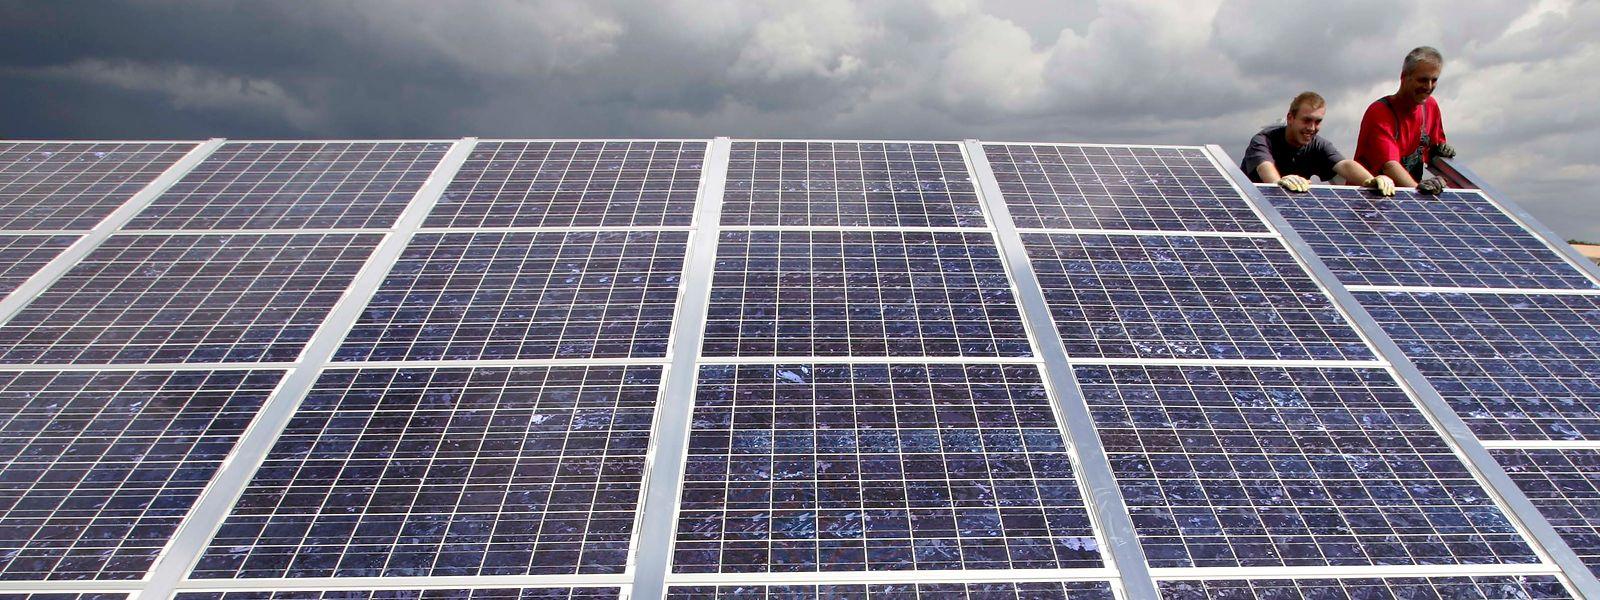 Parmi les défis à relever par le gouvernement wallon, la défiance des citoyens notamment envers le photovoltaïque, la région venant d'être jugée responsable de la formation de la «bulle des certificats verts».